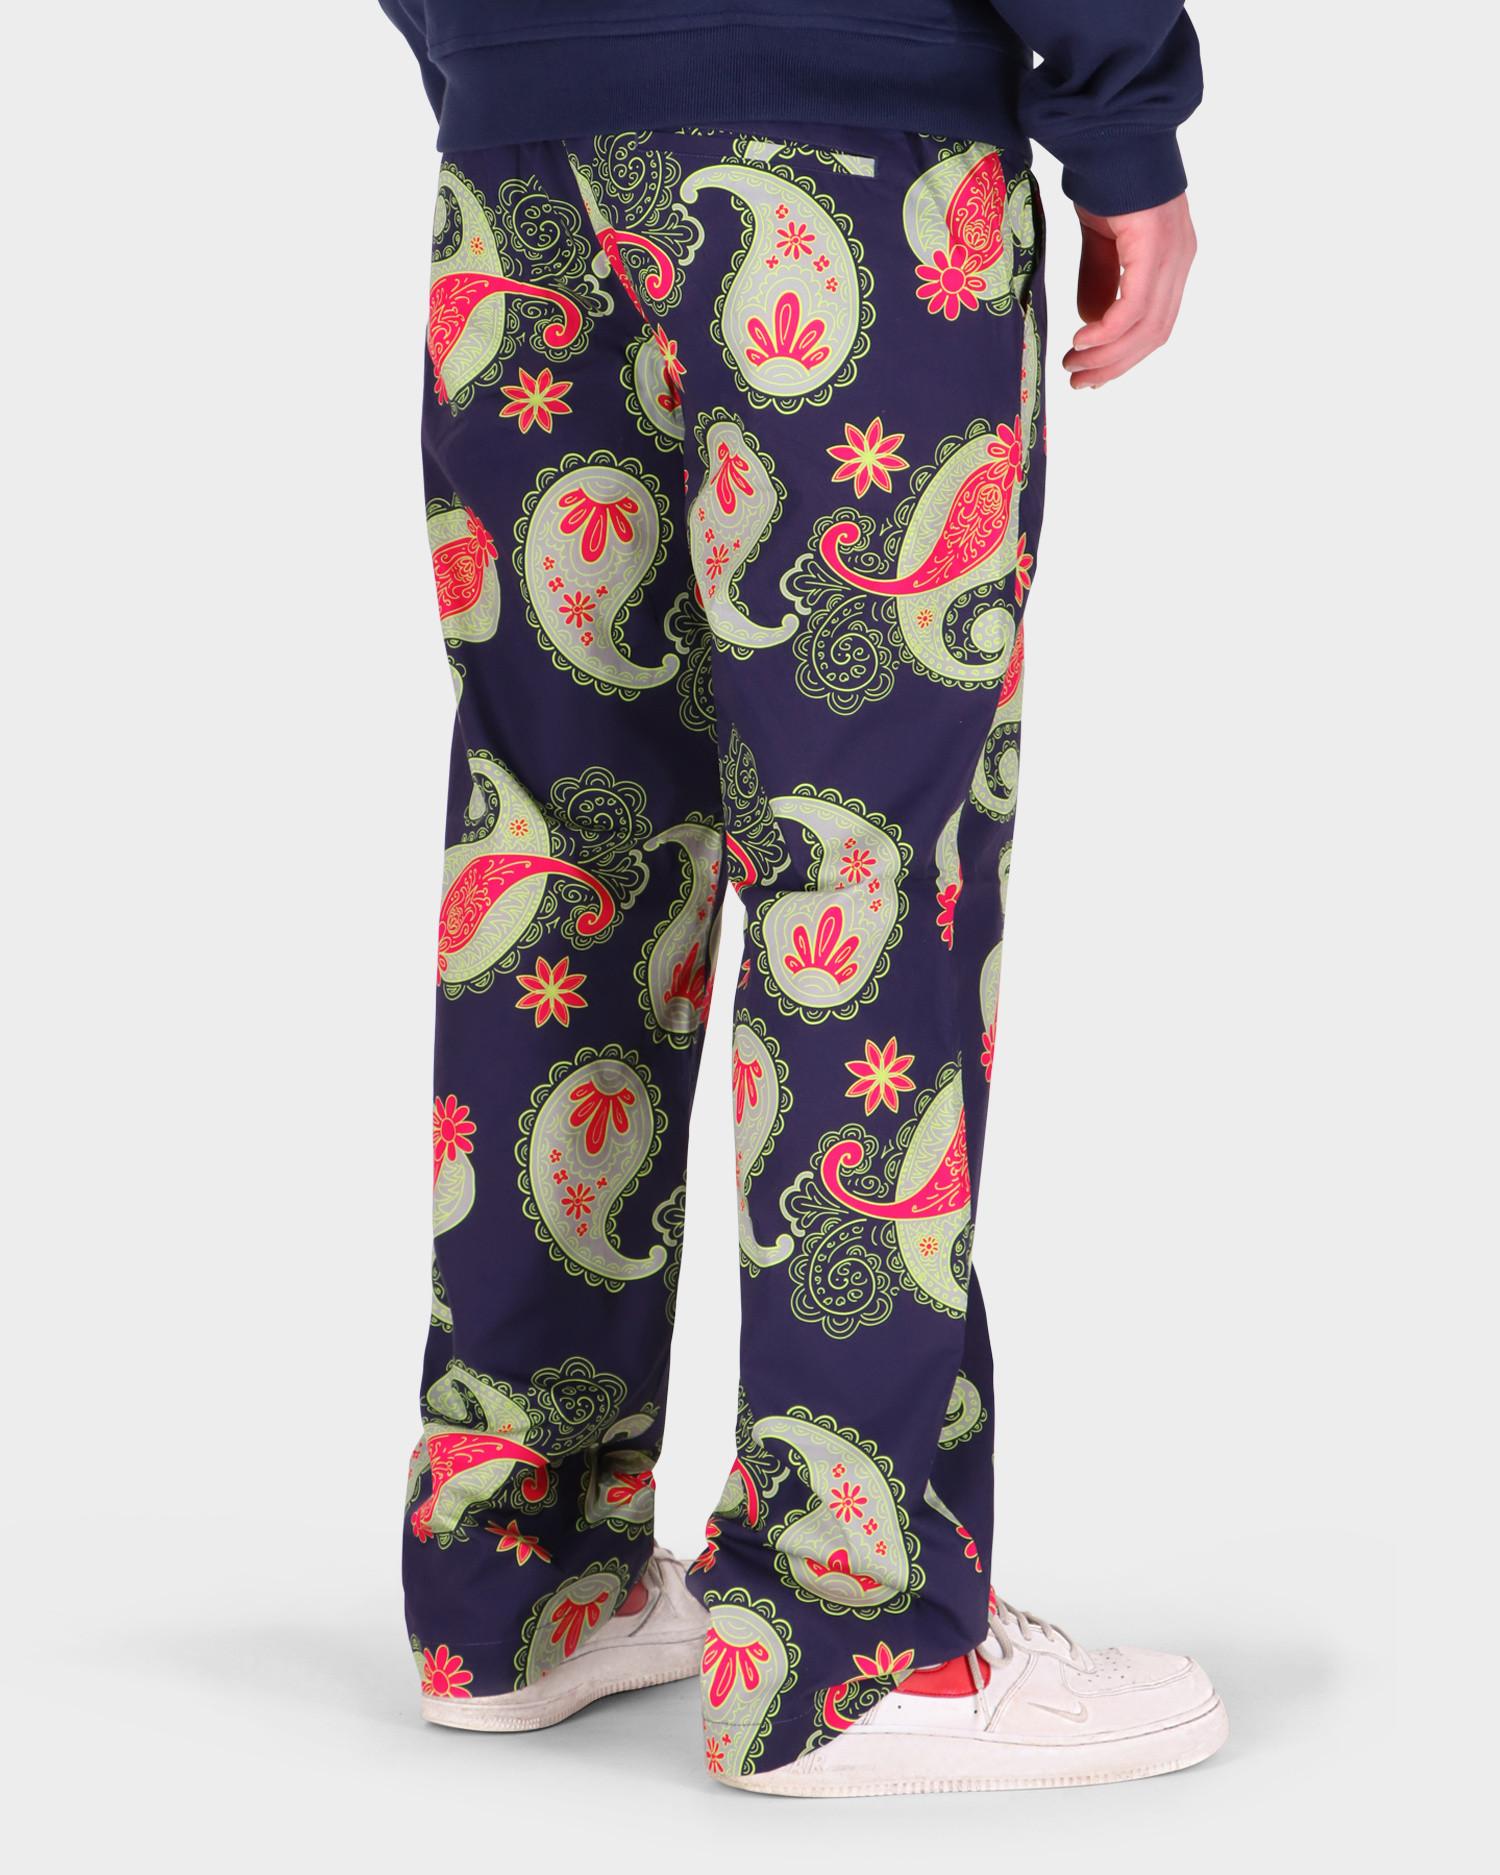 Paccbet Men's Printed Poplin Pants Paisley